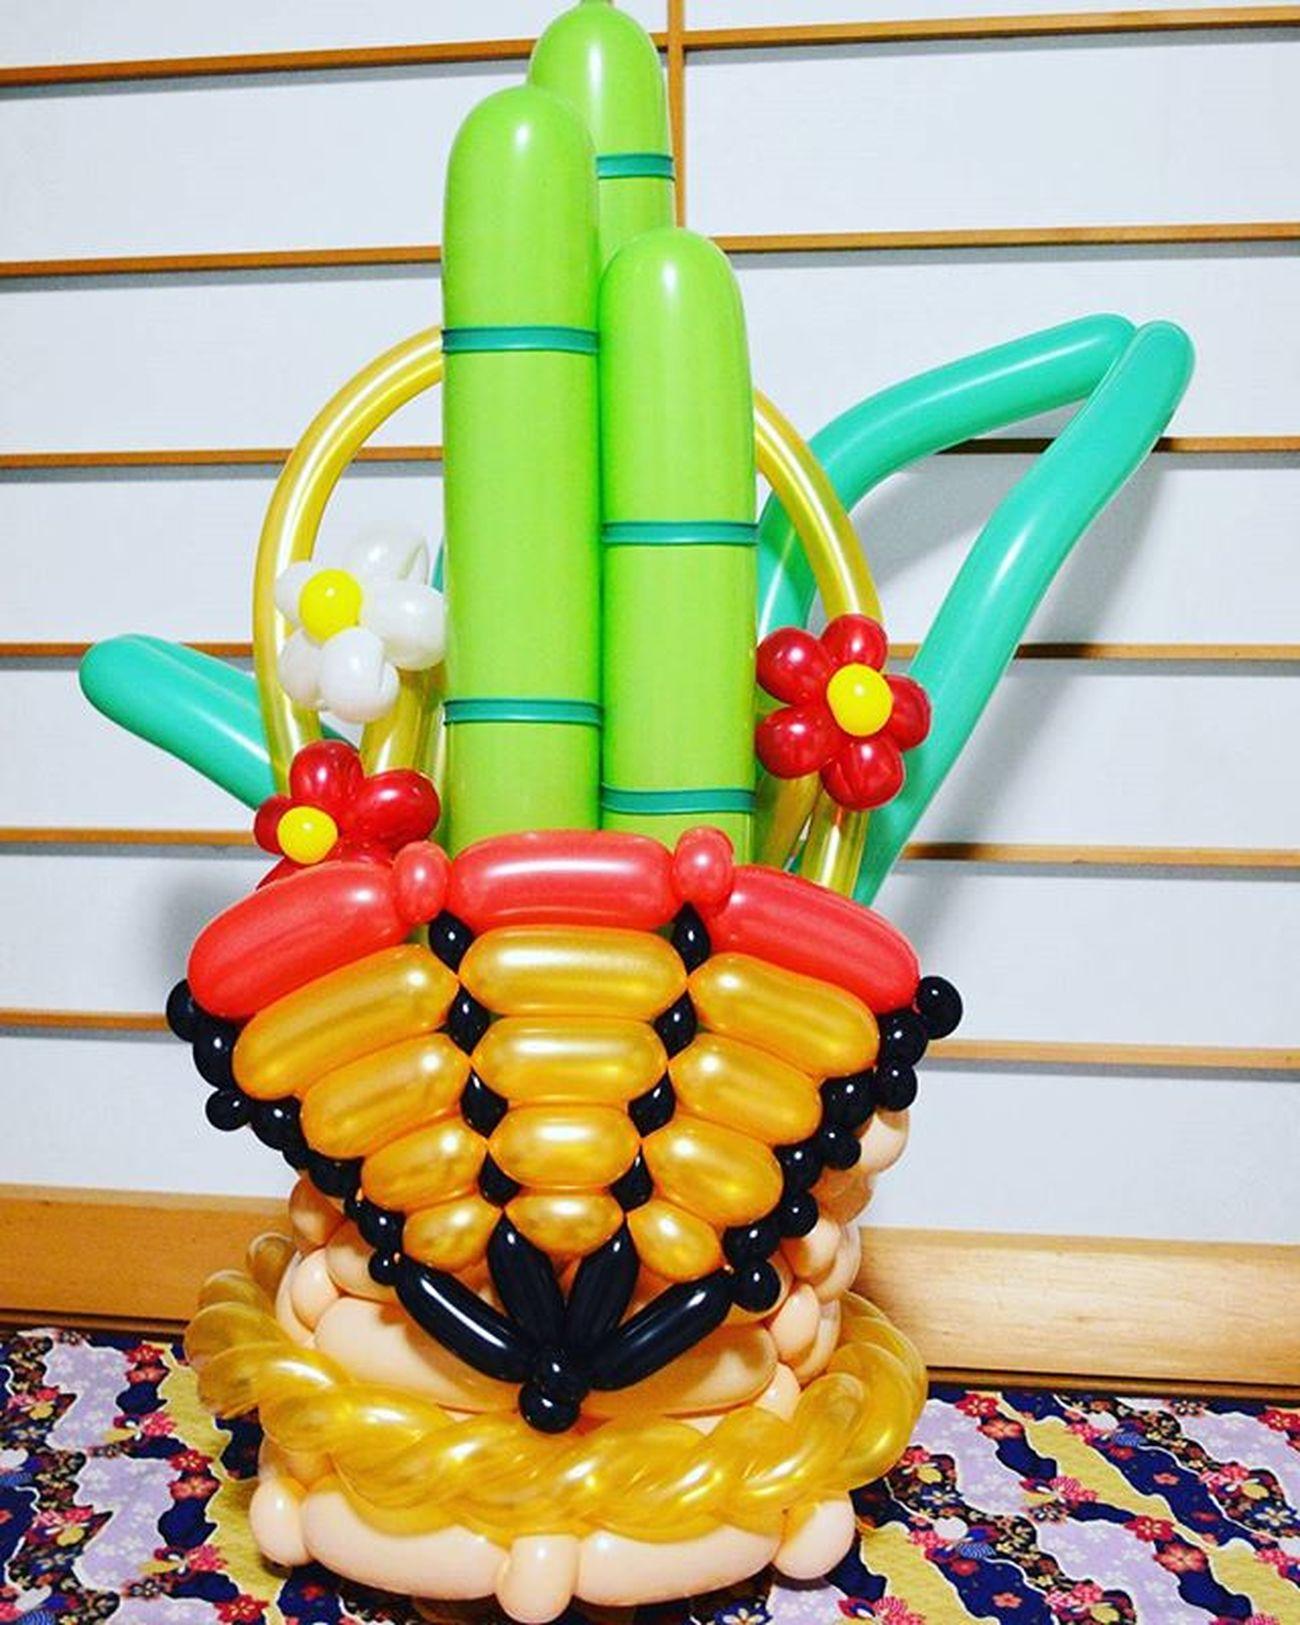 バルーン バルーンアート 風船 Balloon Balloonart 扇子 扇 門松 花 竹 正月 お正月 和 日本 和風 Japan JapaneseStyle Bamboo Wishyouagoodyear NewYear 2016 Happy Showcase: January Pine Decoration